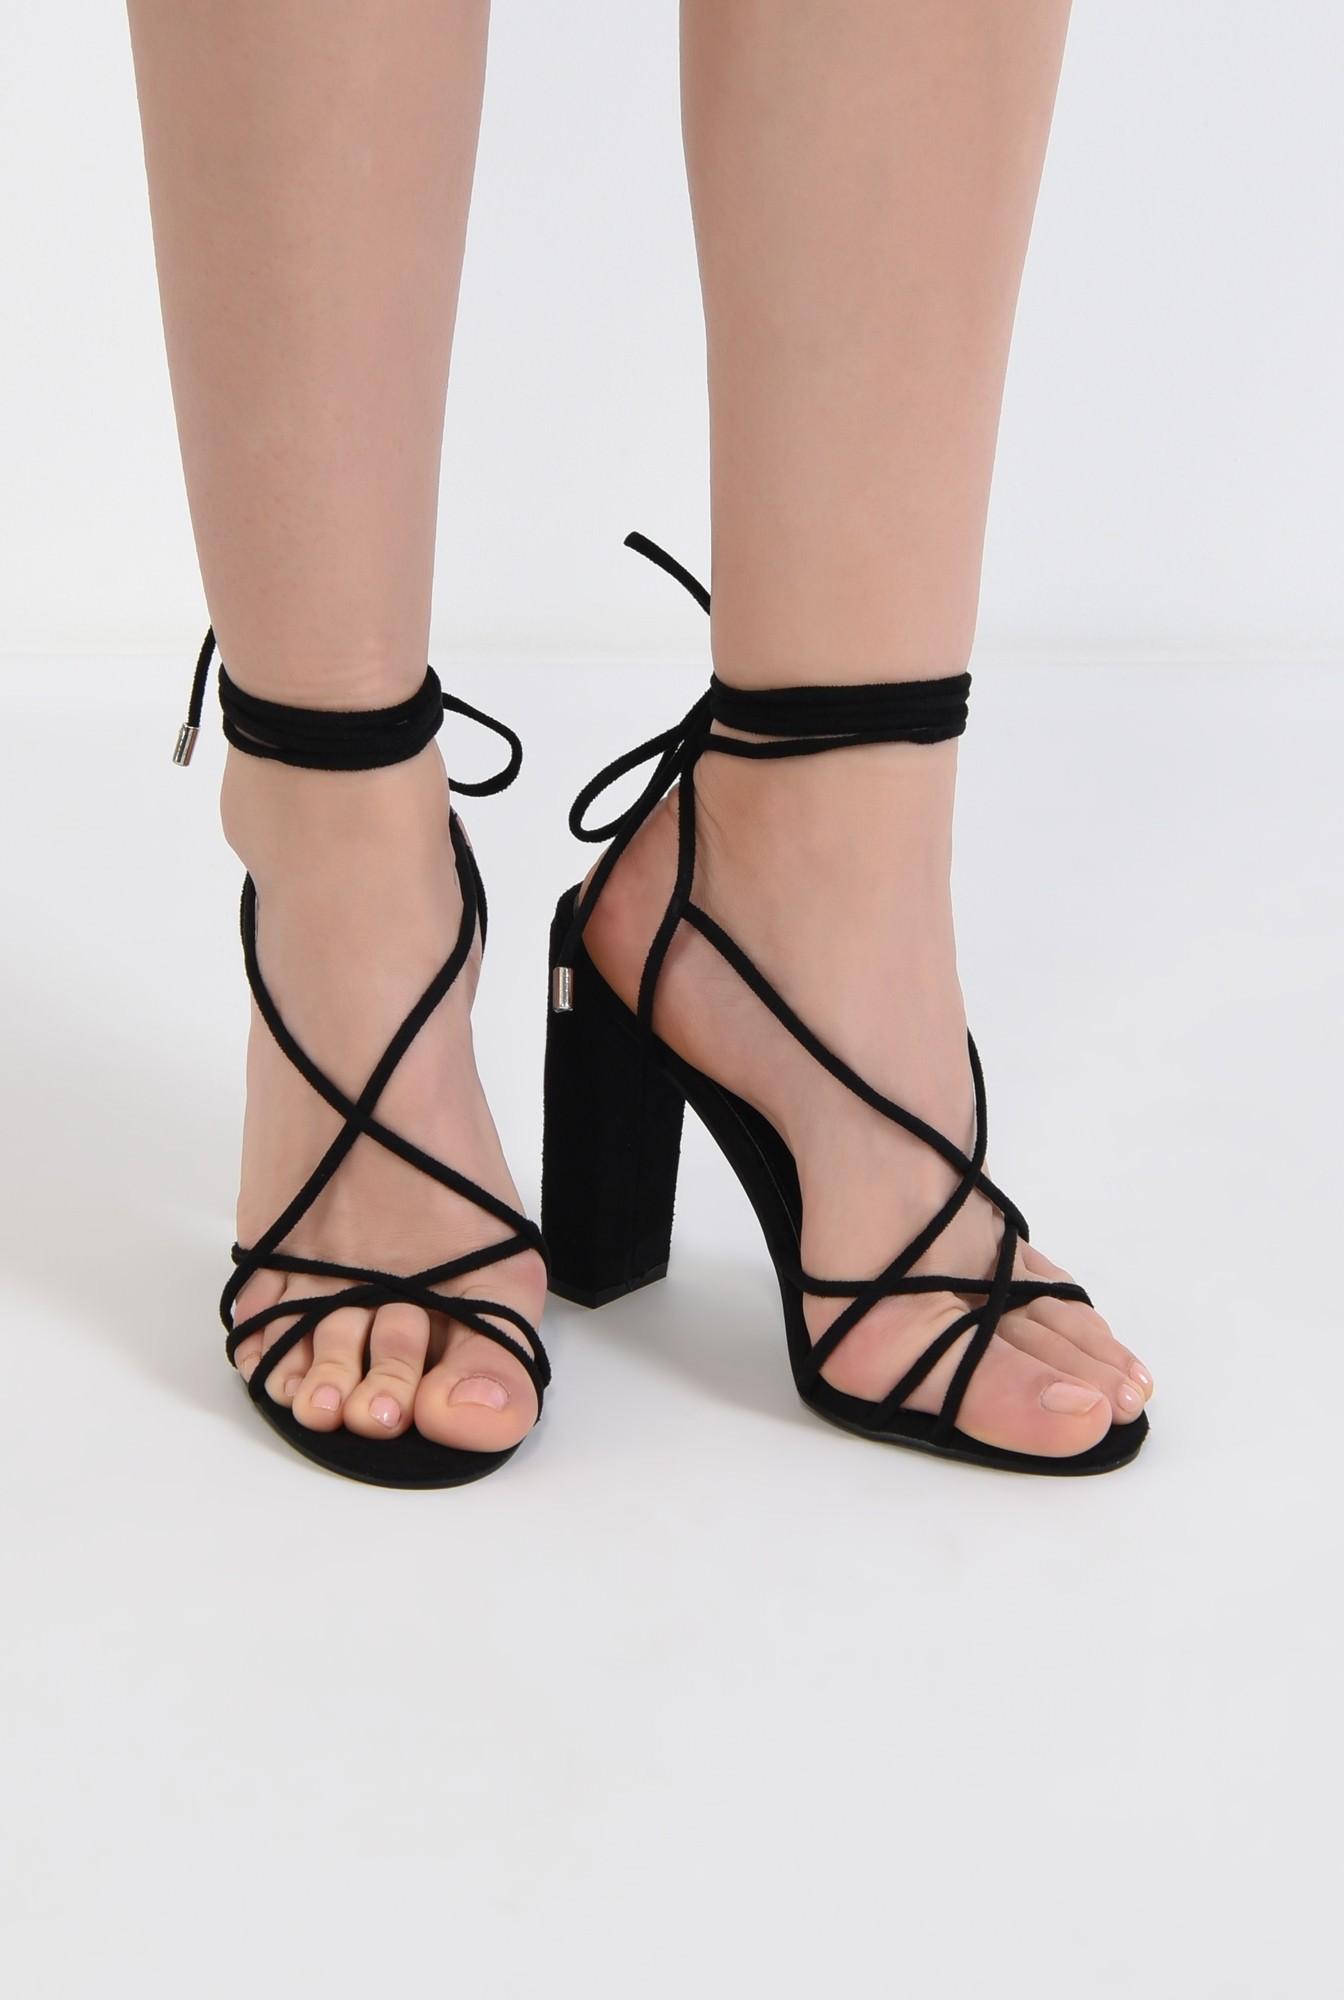 3 - sandale elegante, negre, cu toc gros, barete tip snur